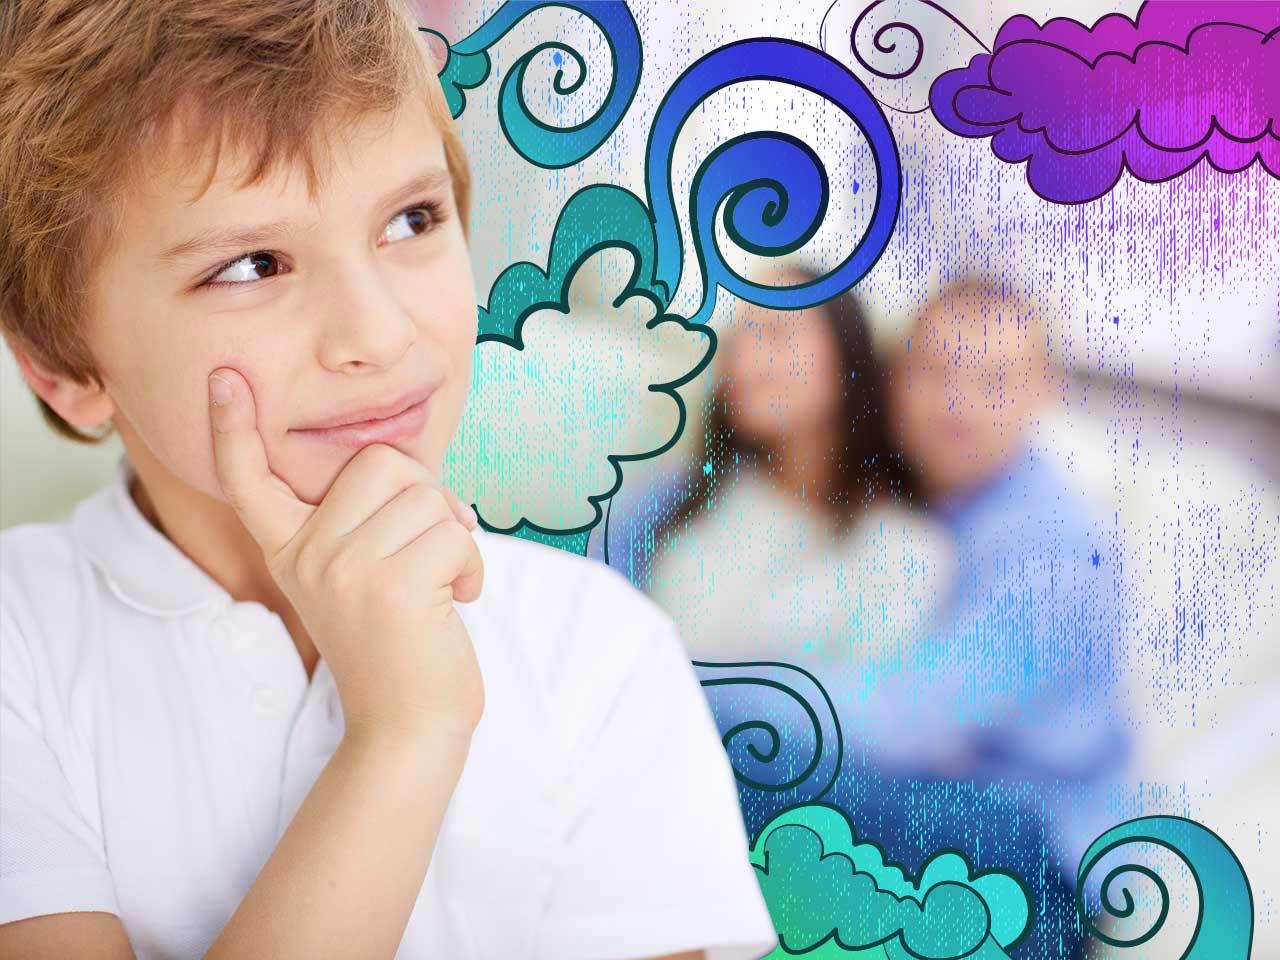 psicóloga para padres e hijos psicóloga para padres e hijos teenpg3